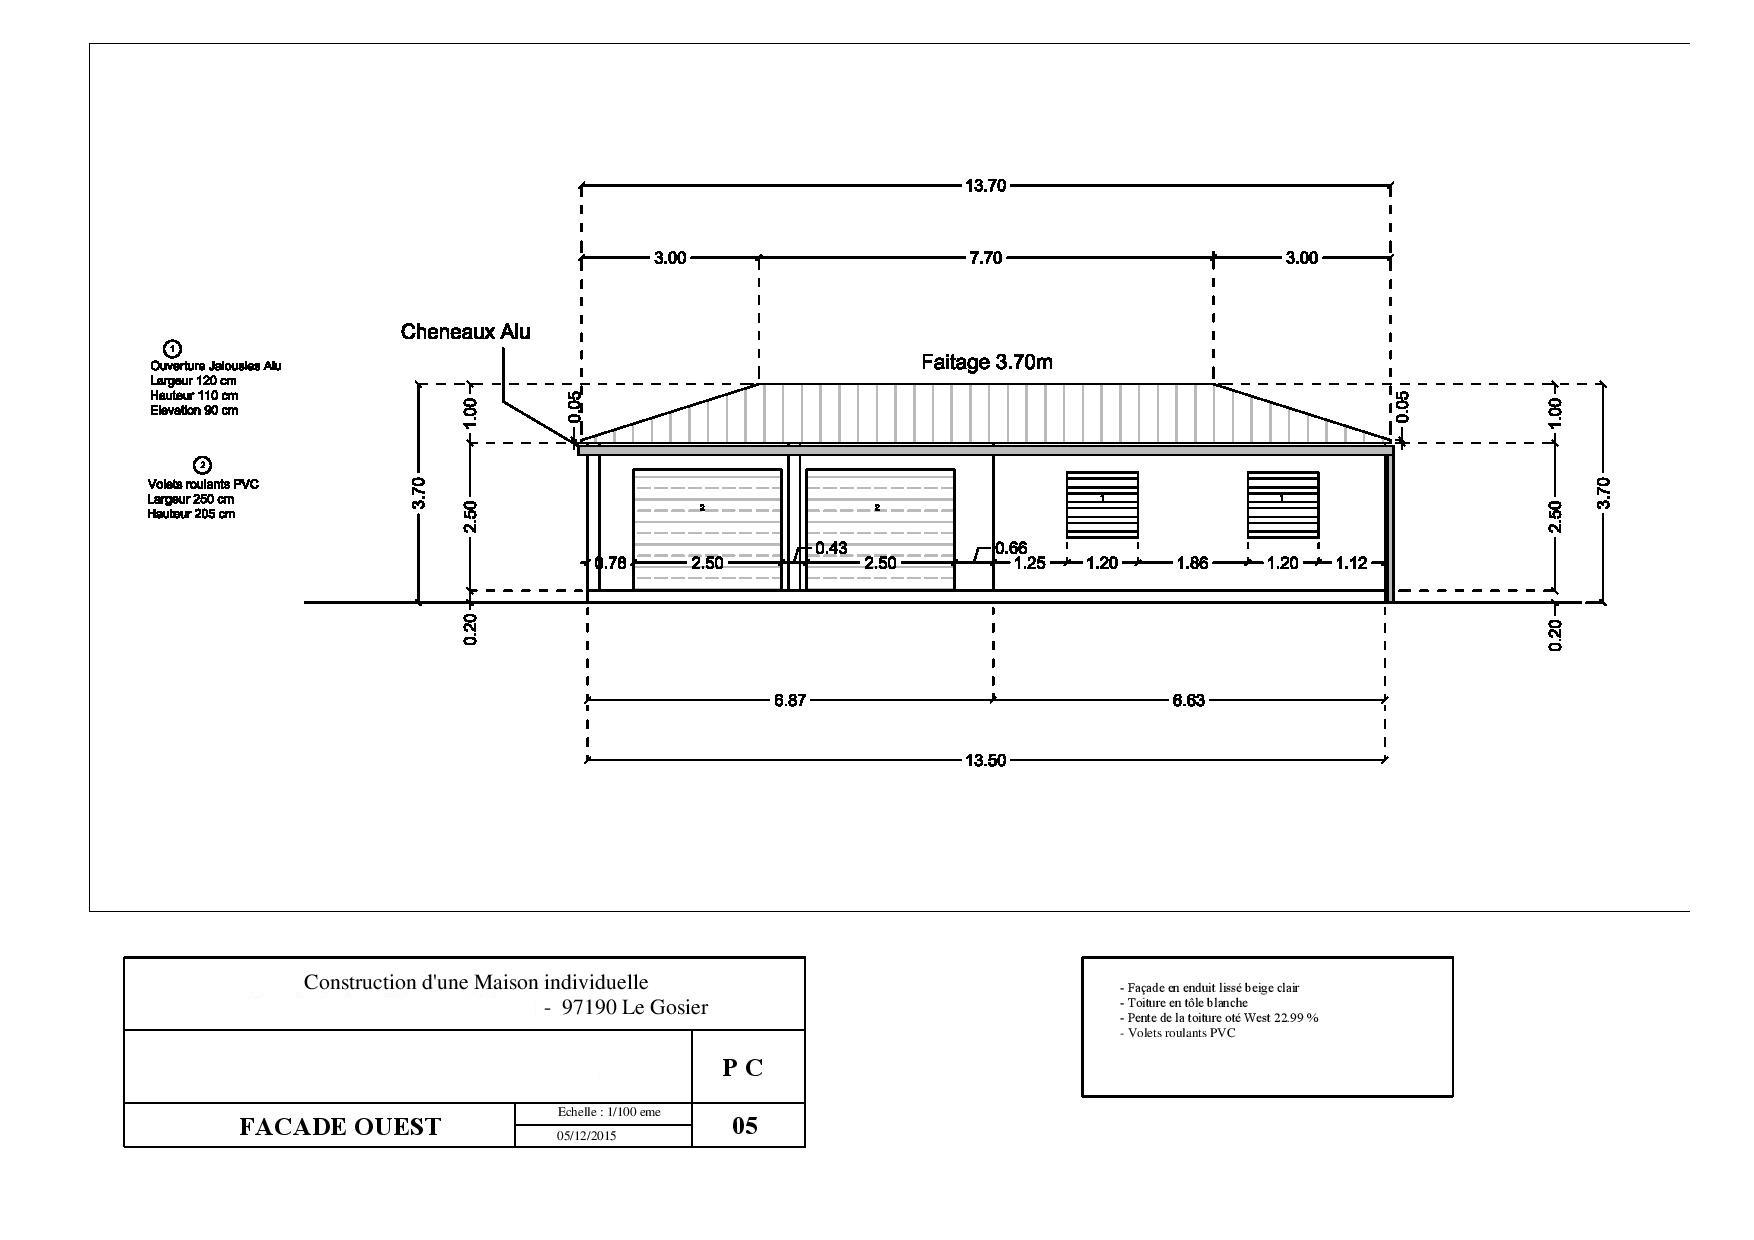 Accueil permis de construire en guadeloupe for Permis de construire agricole